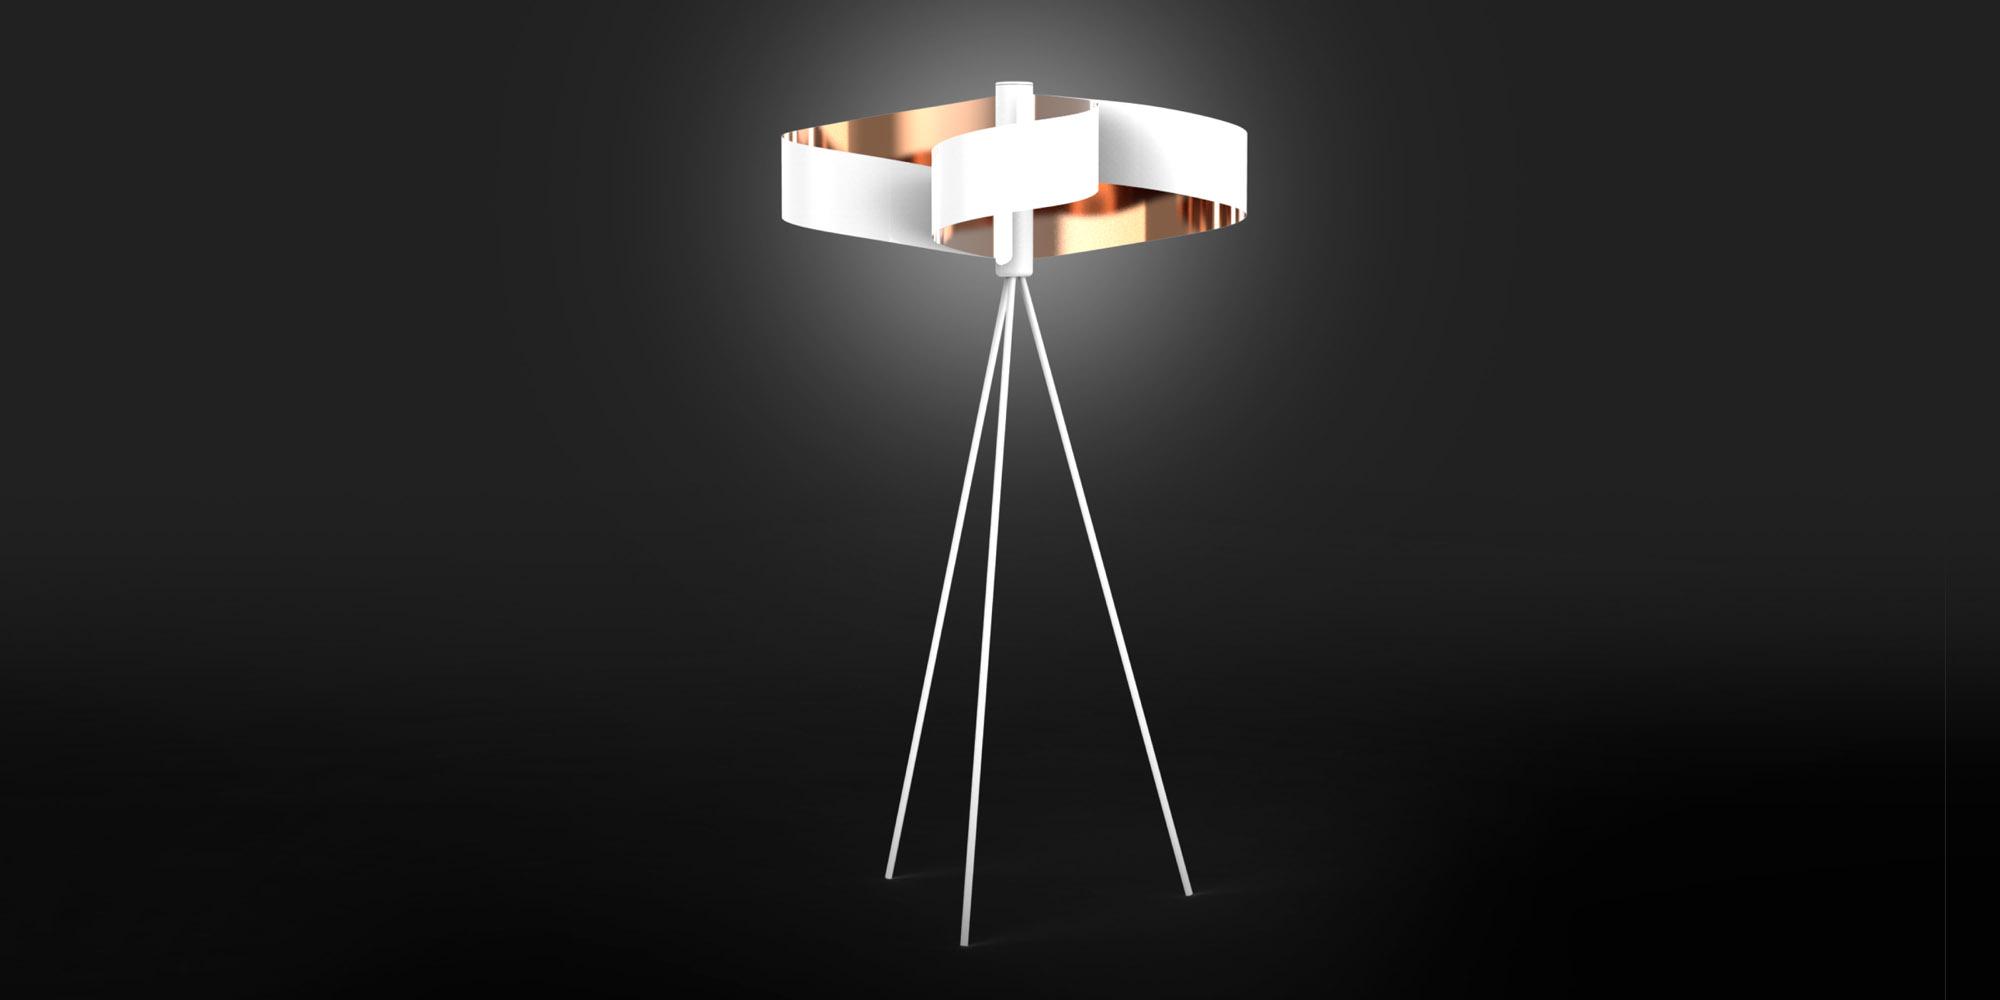 Jones-and-Partners-Swirl-lighting-5.jpg